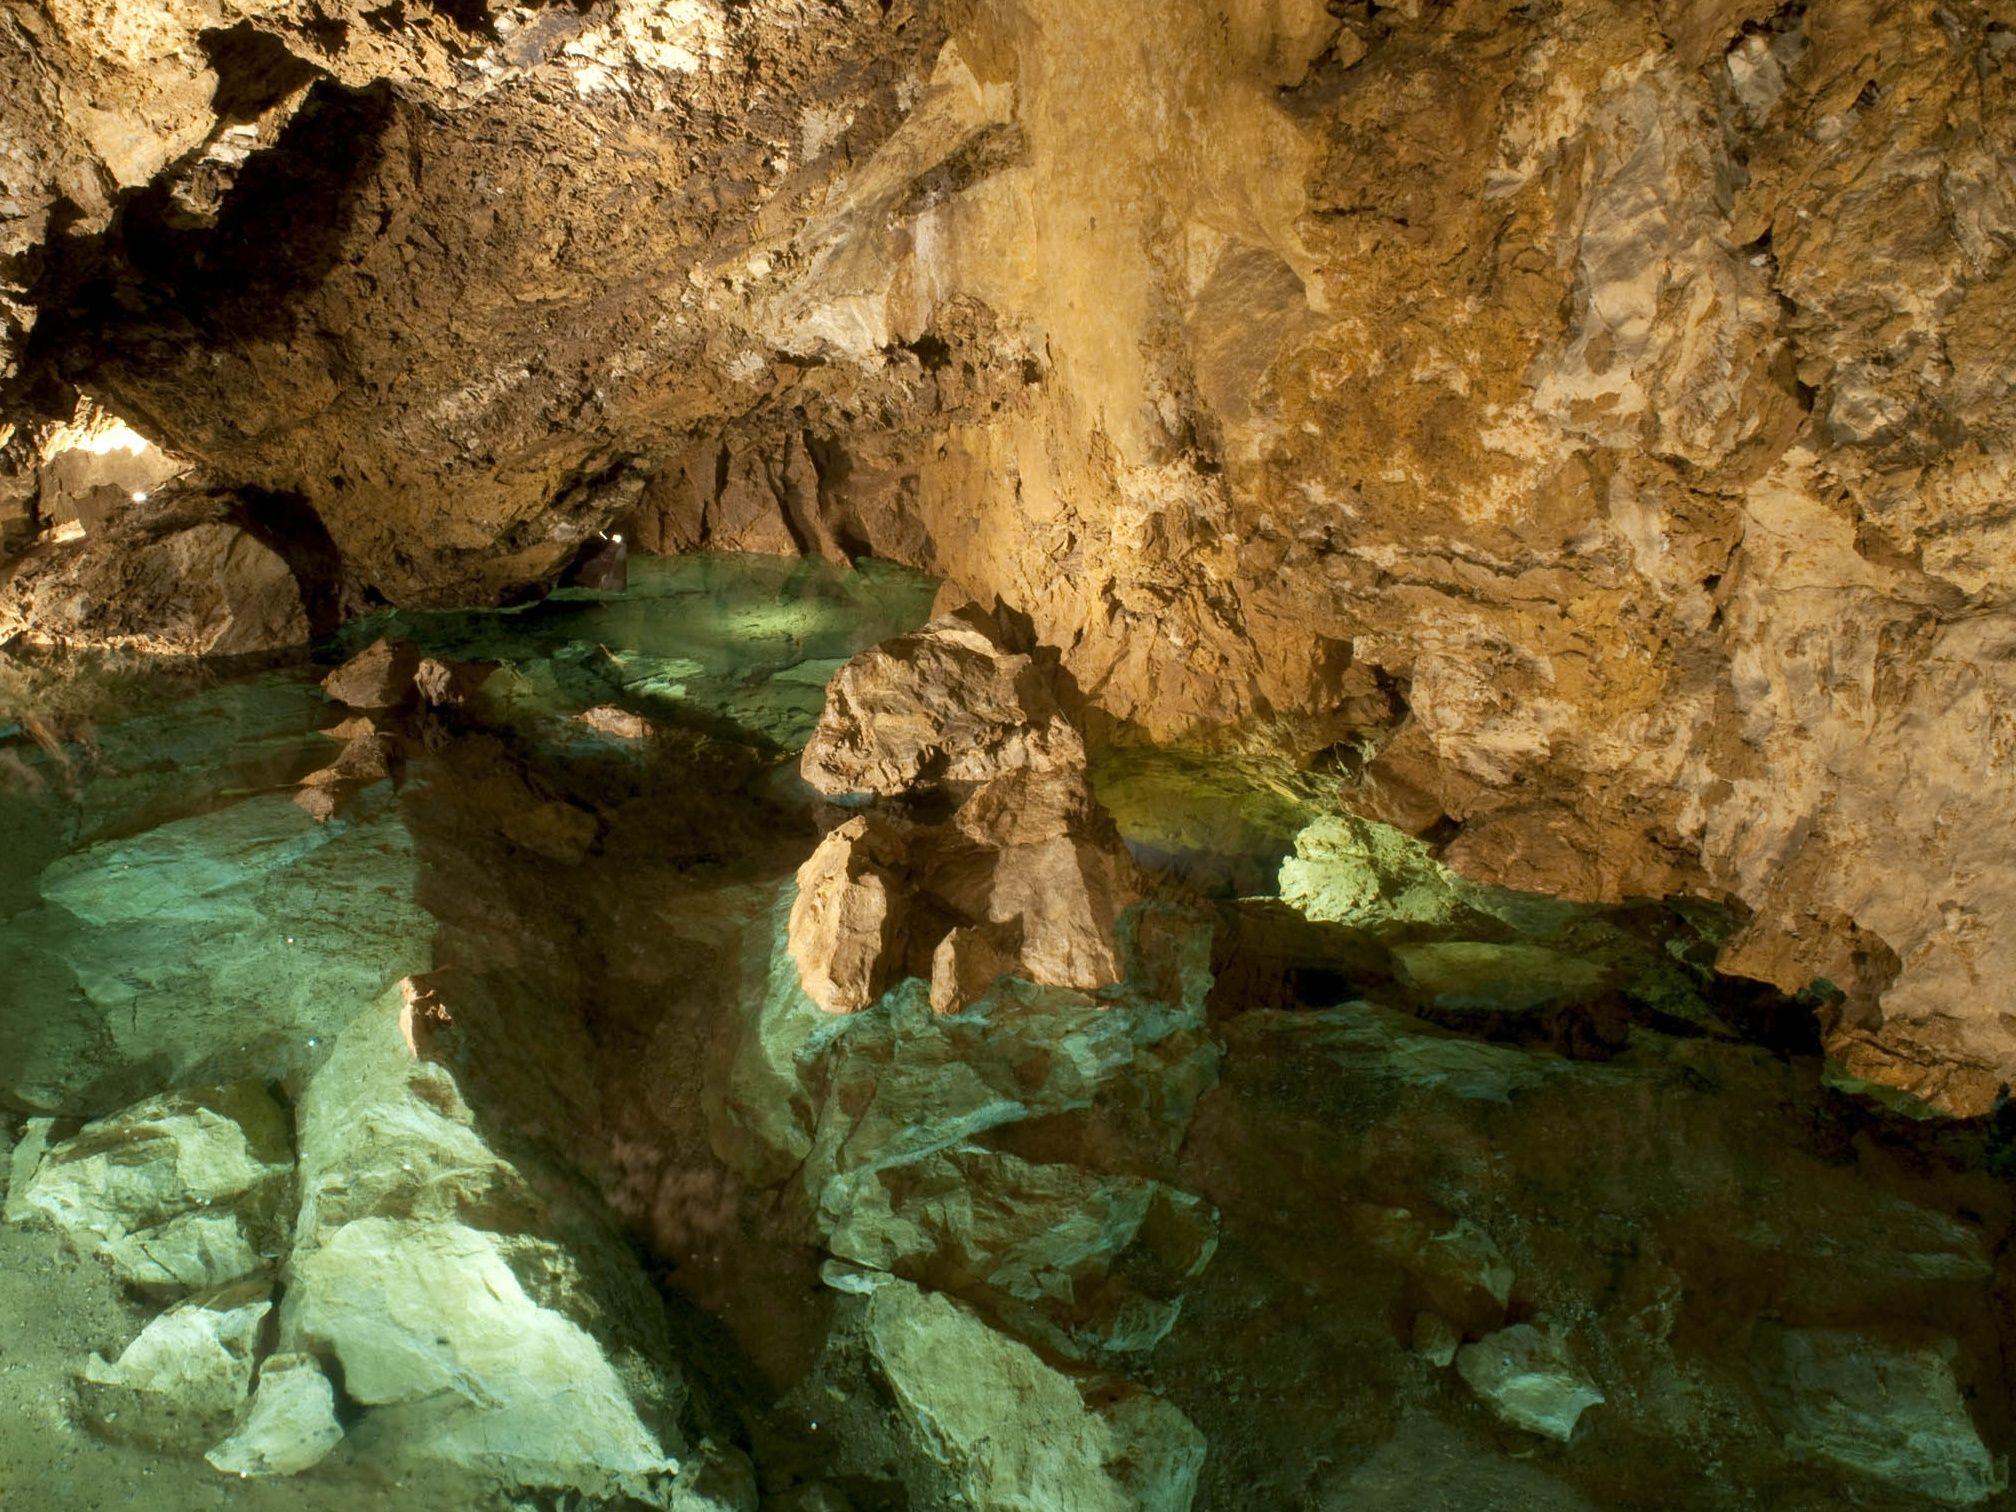 Díky nové technologii jeskyňáři mapují ve 3D i zatopené podzemní prostory